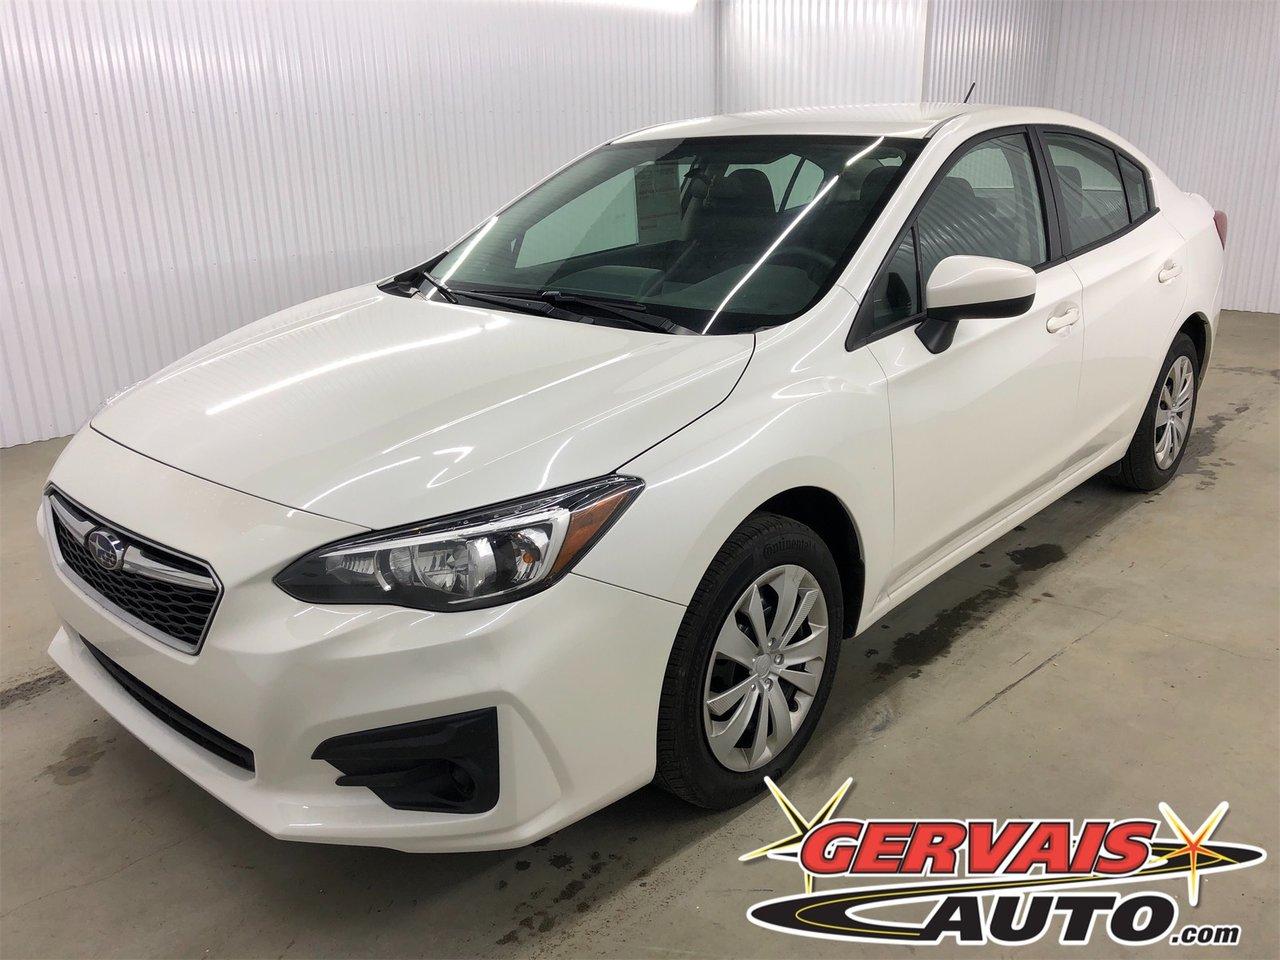 Subaru Impreza 2017 AWD Bluetooth A/C Cam?ra de recul